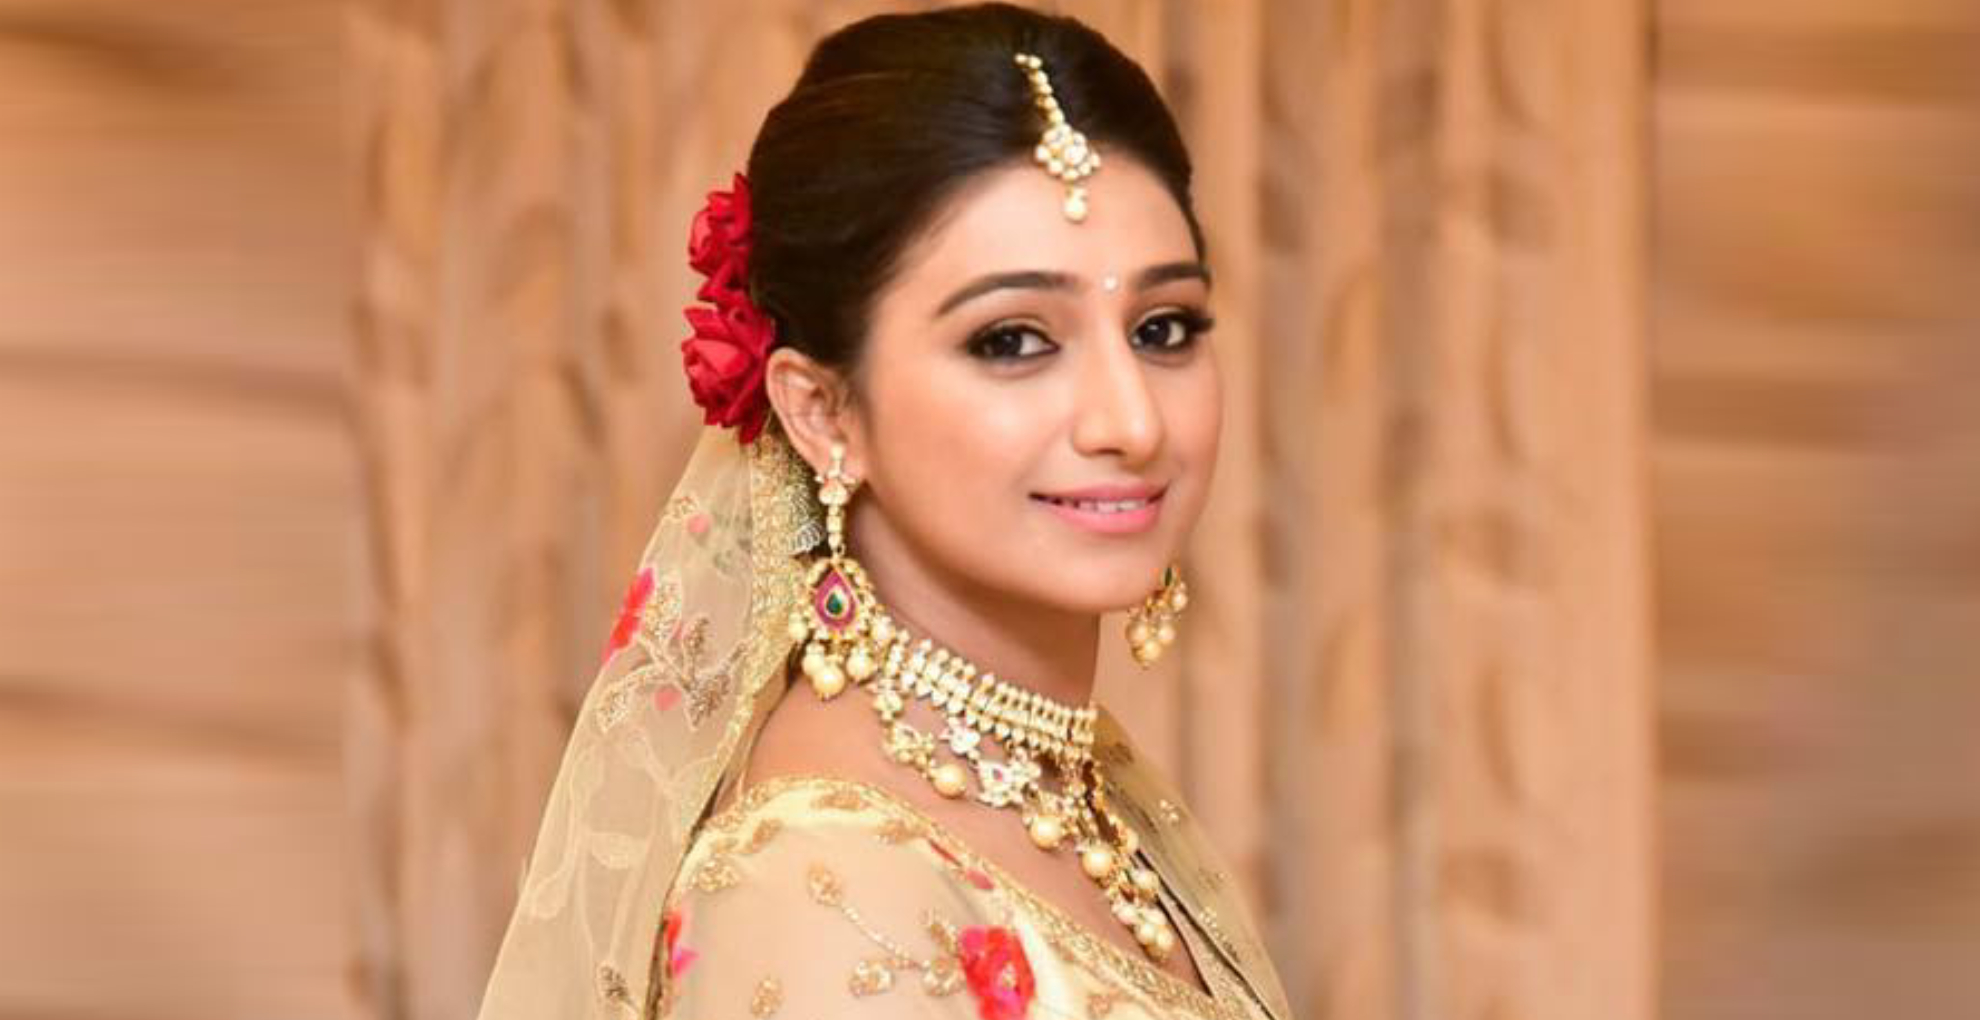 VIDEO: 'ये रिश्ता क्या कहलाता है' की मोहिना कुमारी सिंह की हुई शादी, राजस्थानी रीति रिवाज में लिए सात फेरे